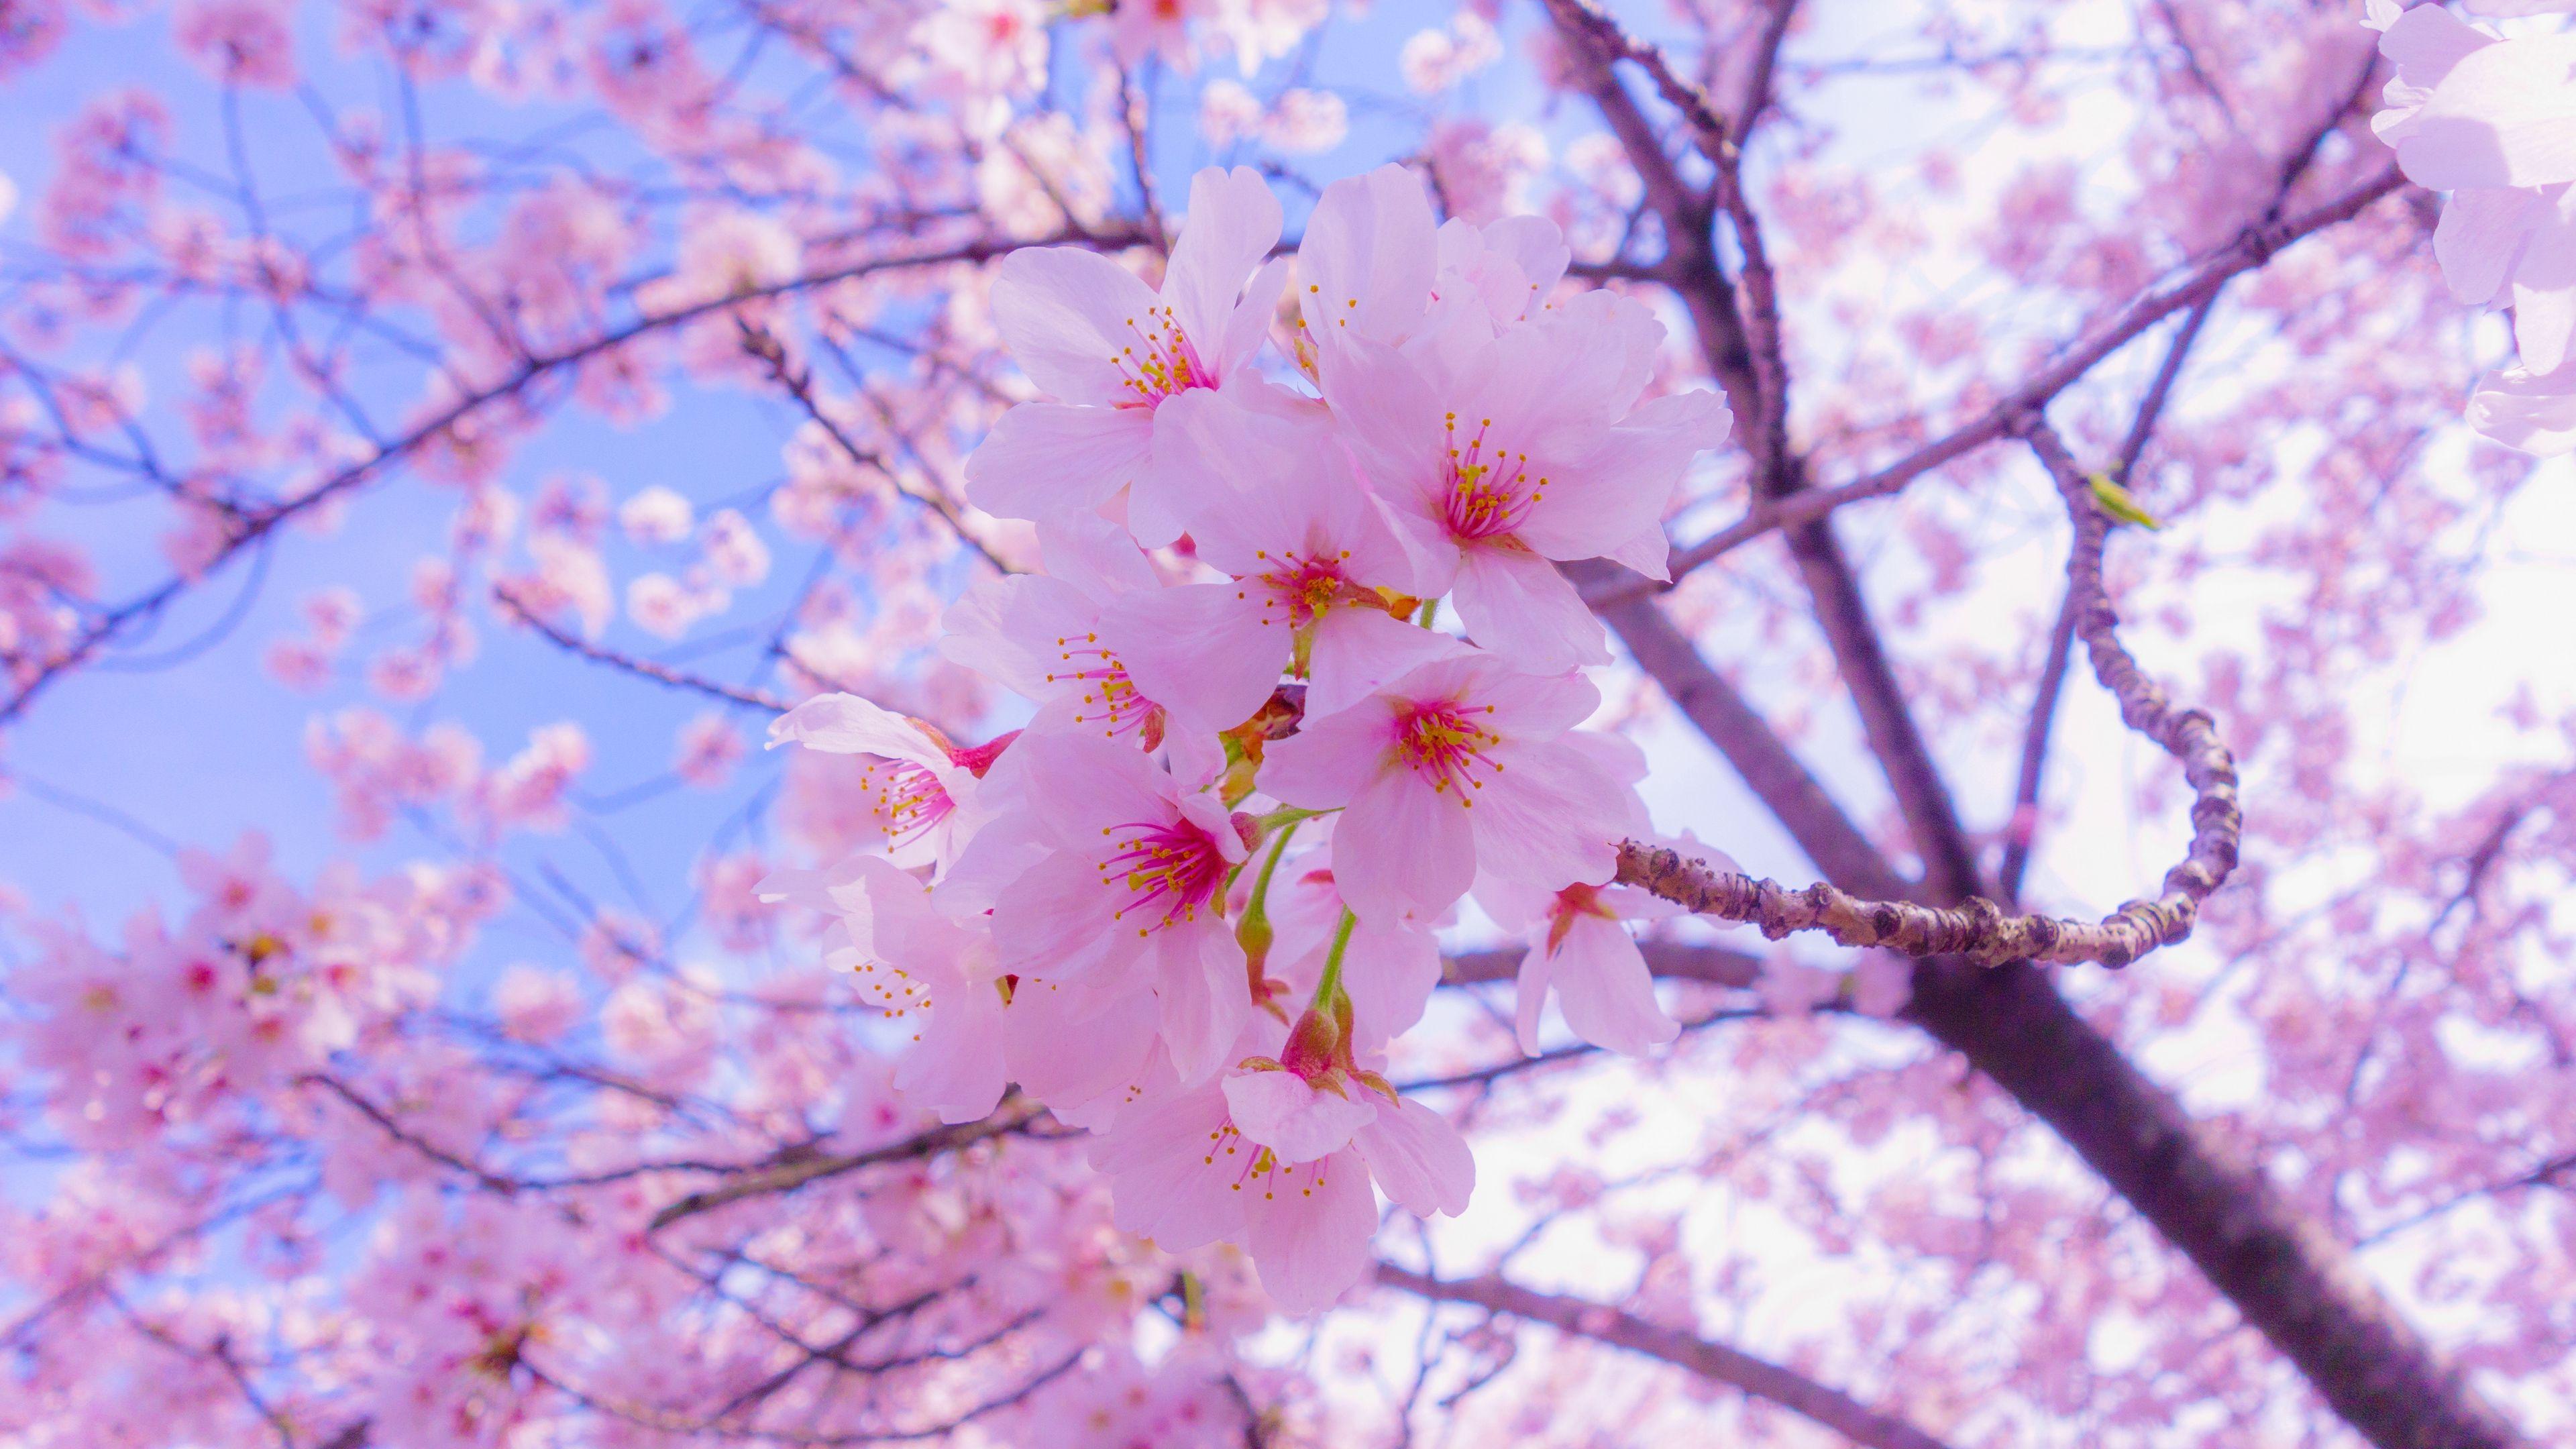 Sakura Flowers 4k Wallpaper Sakura Flower Flower Images Wallpapers Tree Wallpaper 4k